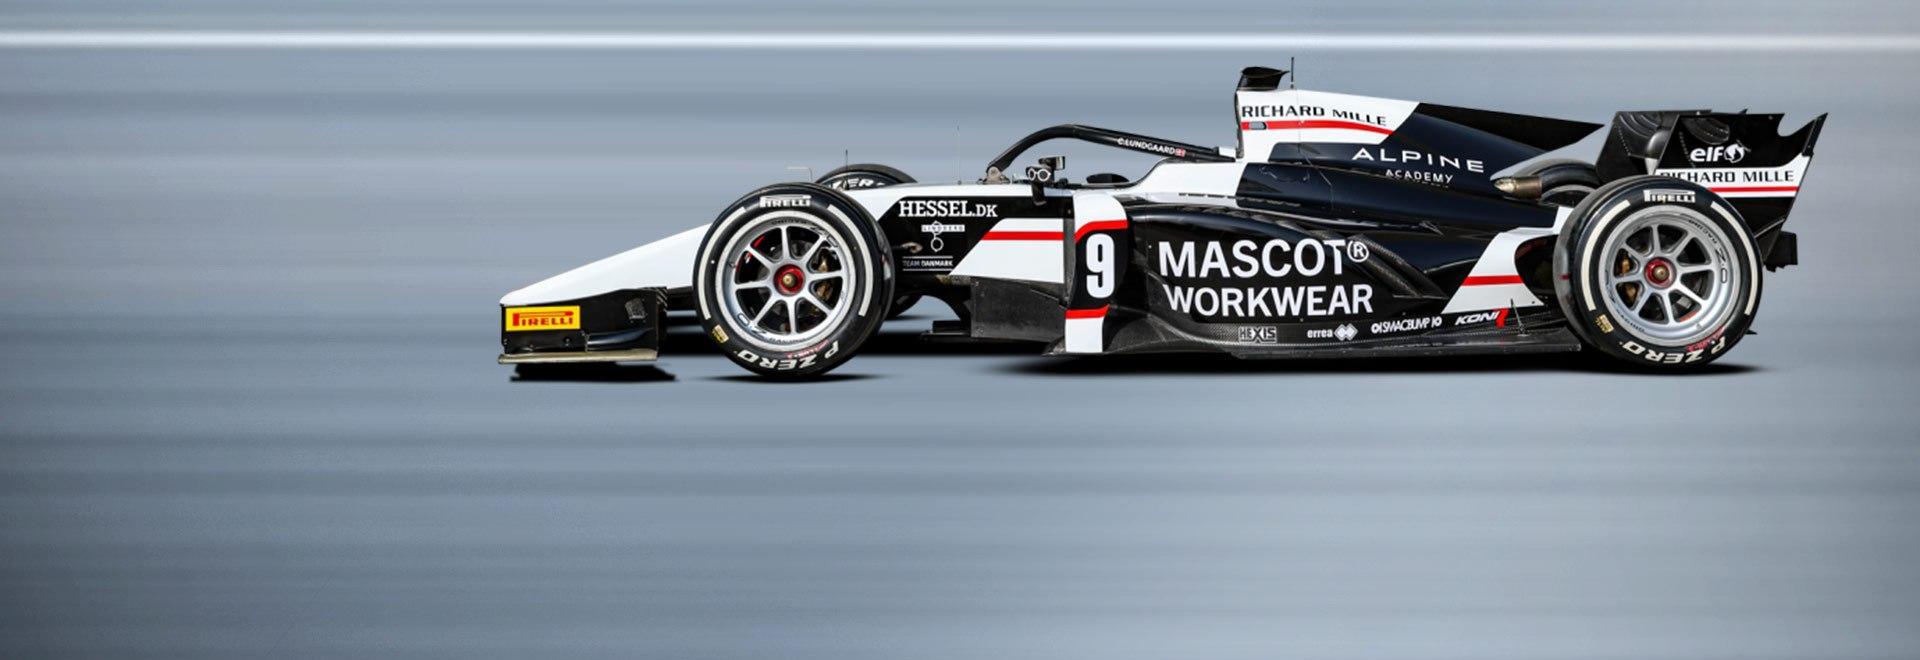 GP Bahrain. Sprint Race 1